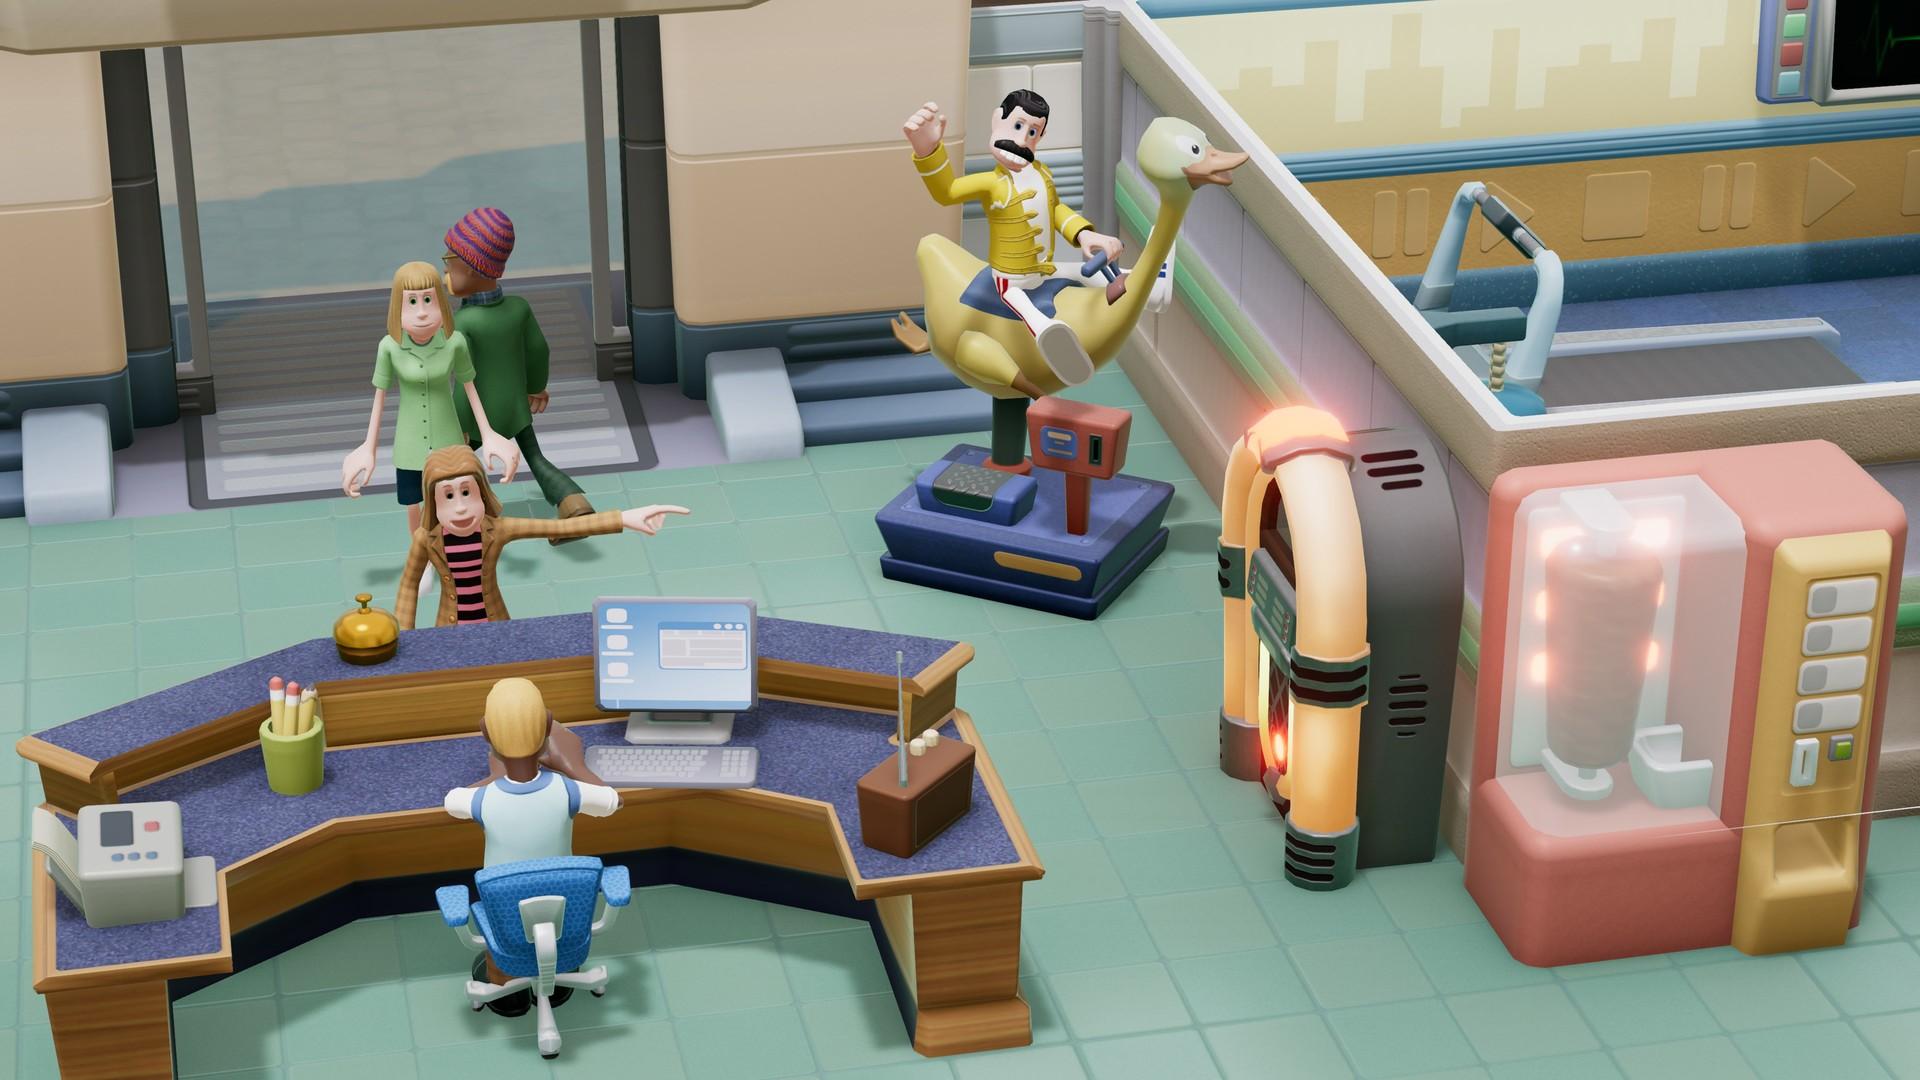 《双点医院》Steam周末免费试玩 特价促销只要79元